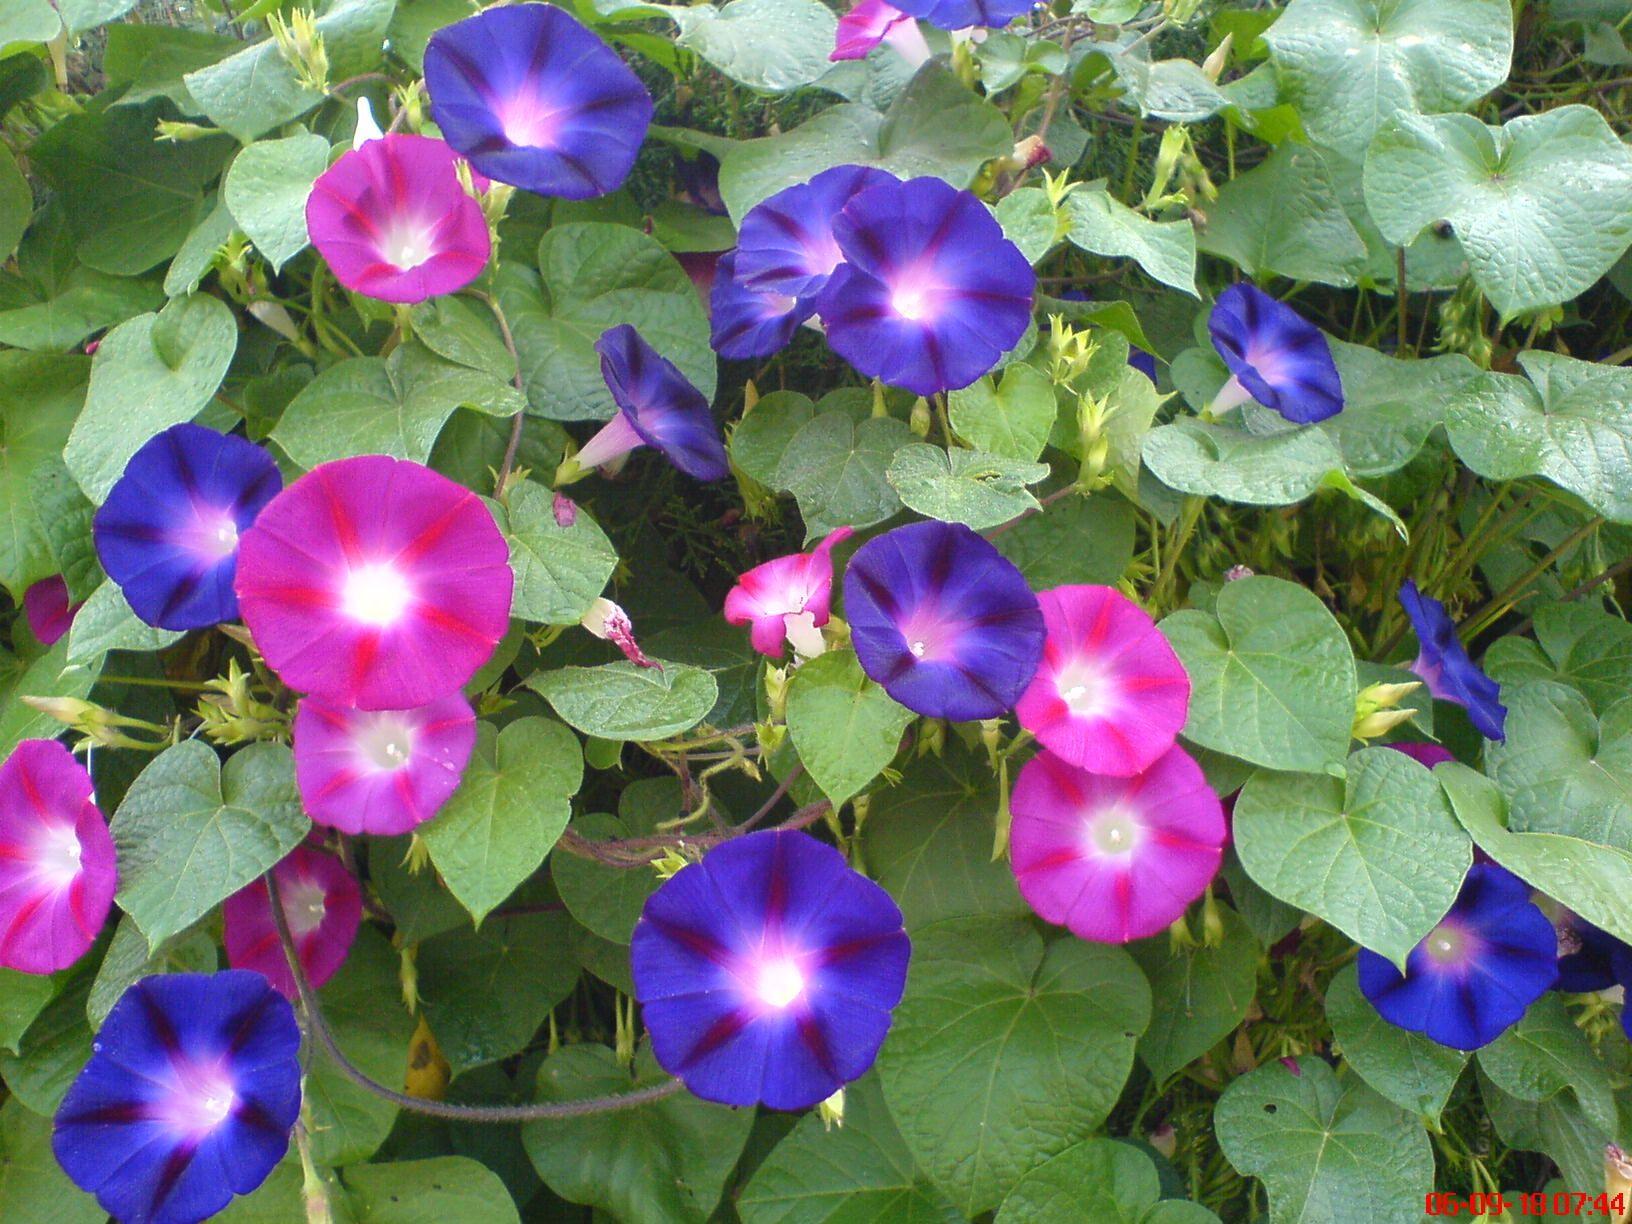 1632x1224夏の朝顔が美しい壁紙 あさがお 壁紙 夏の花